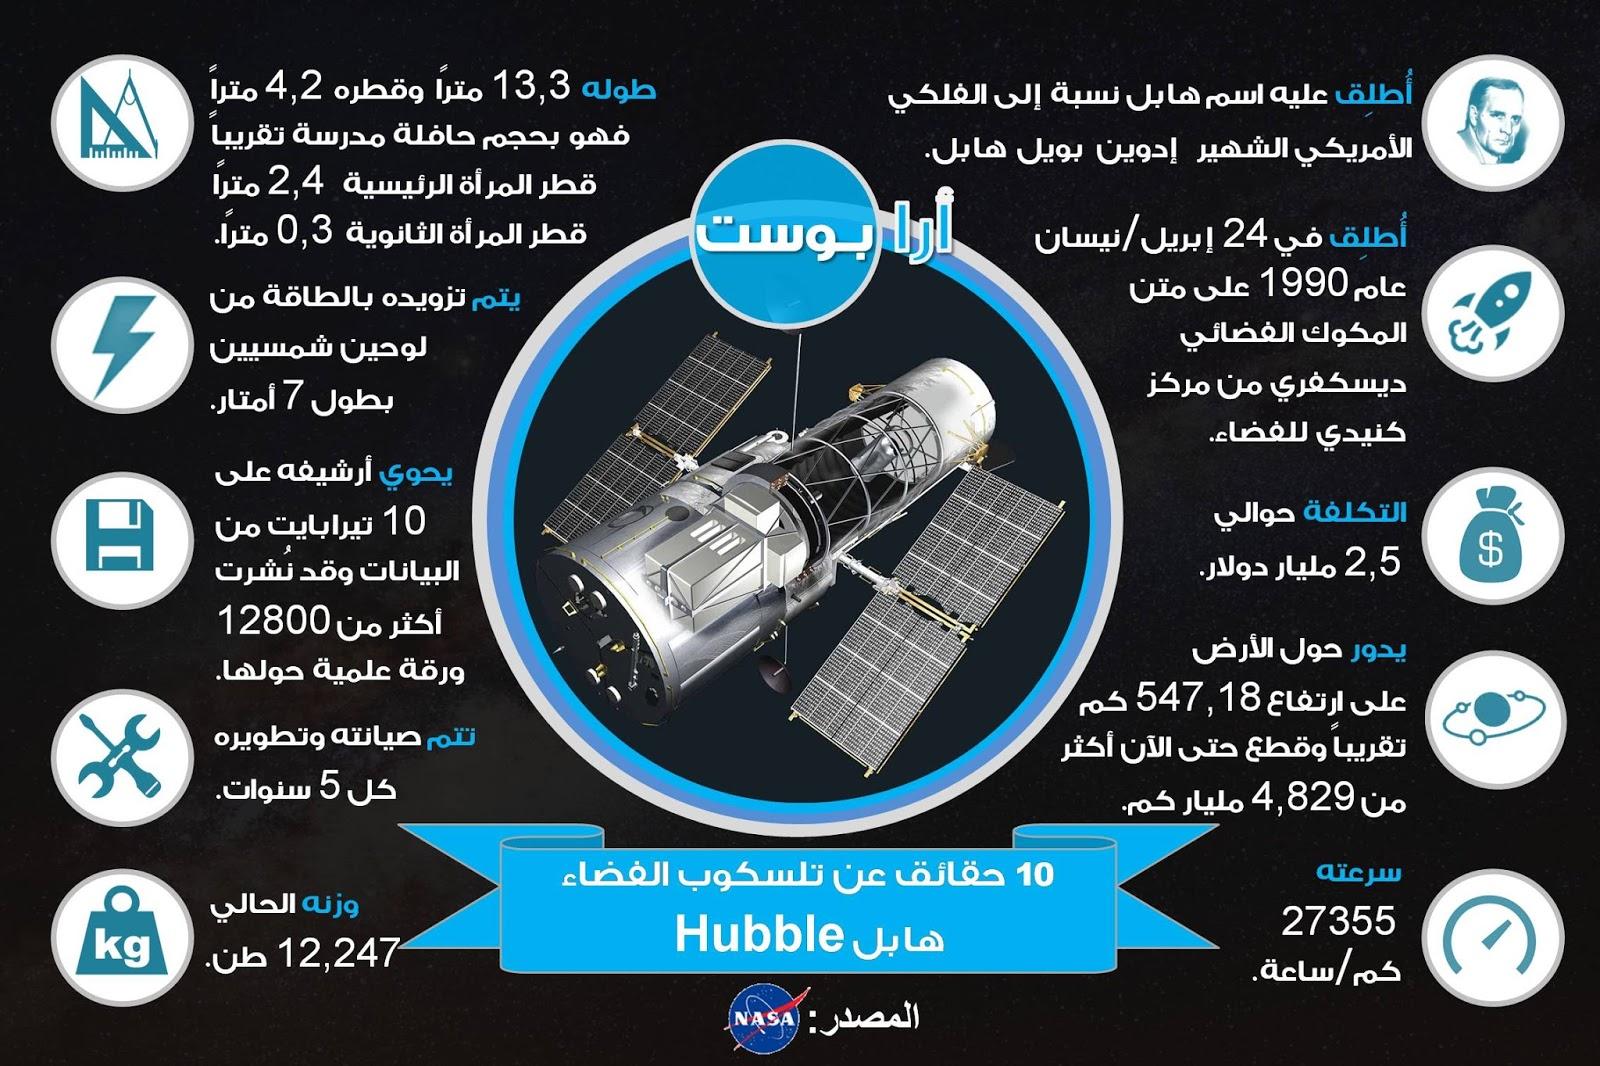 عشر حقائق عن مسبار وتلسكوب الفضاء هابل لاتعرفها !